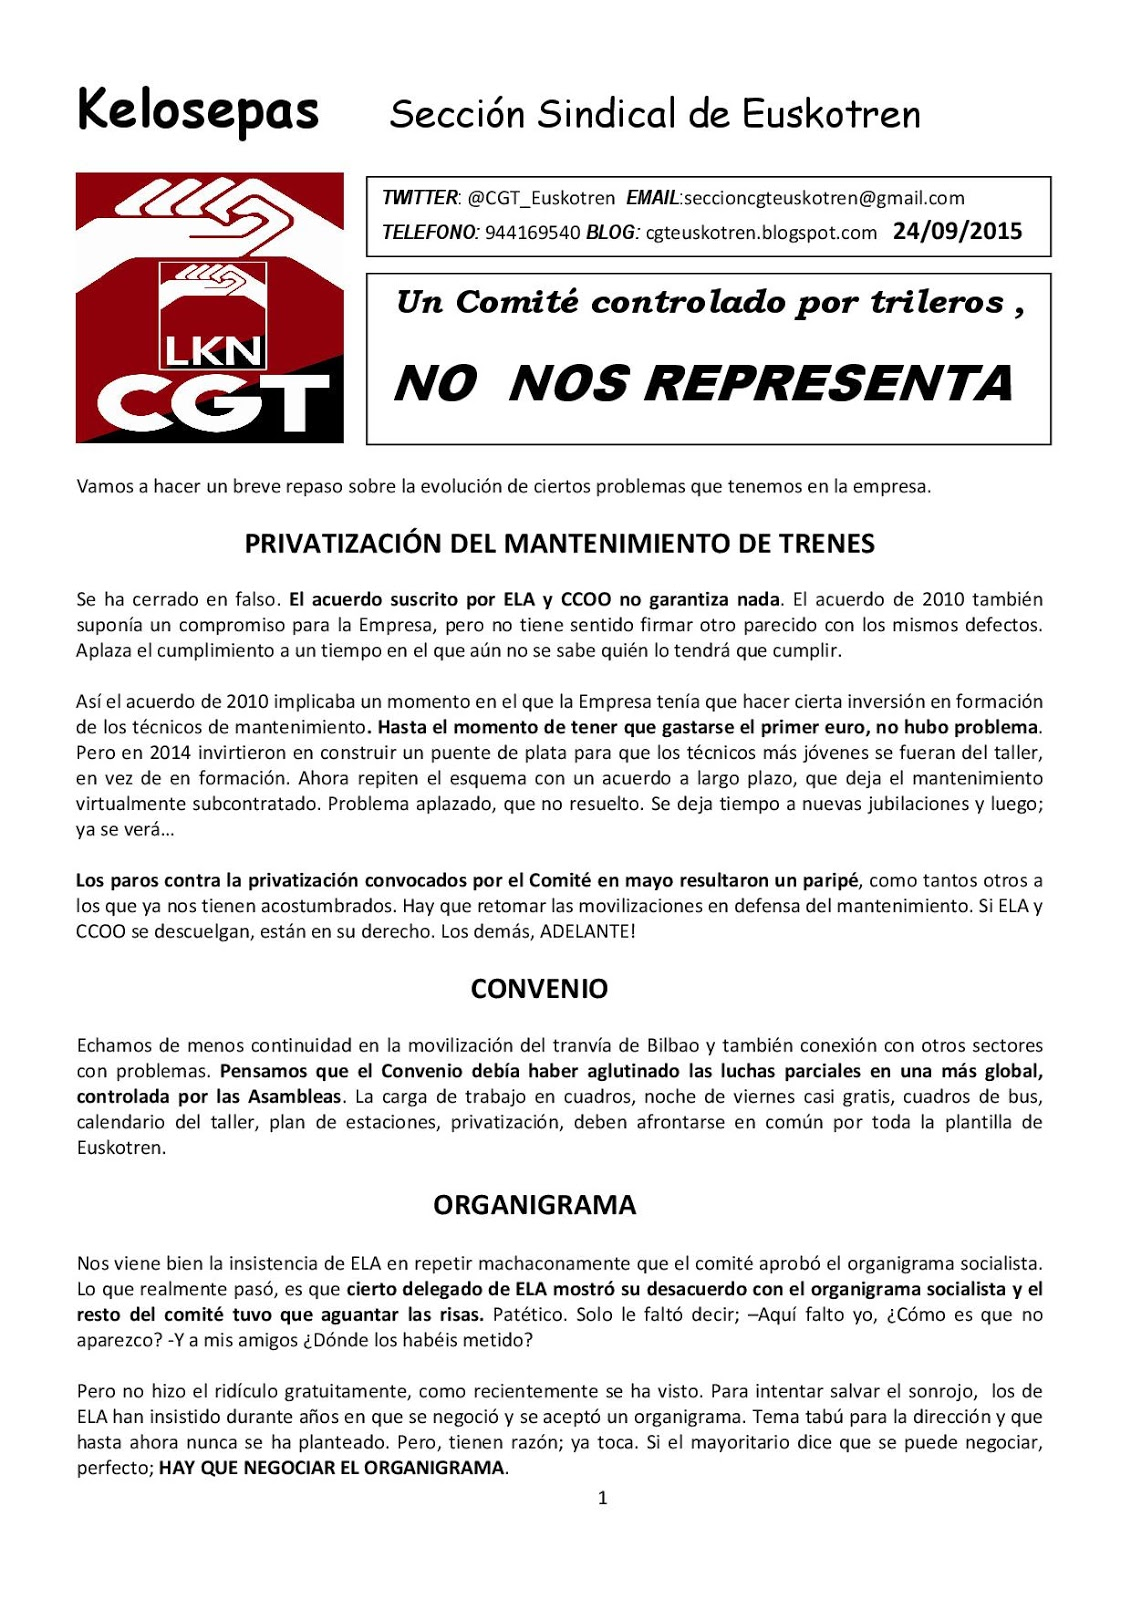 Seccion Sindical en Euskotren: 2015